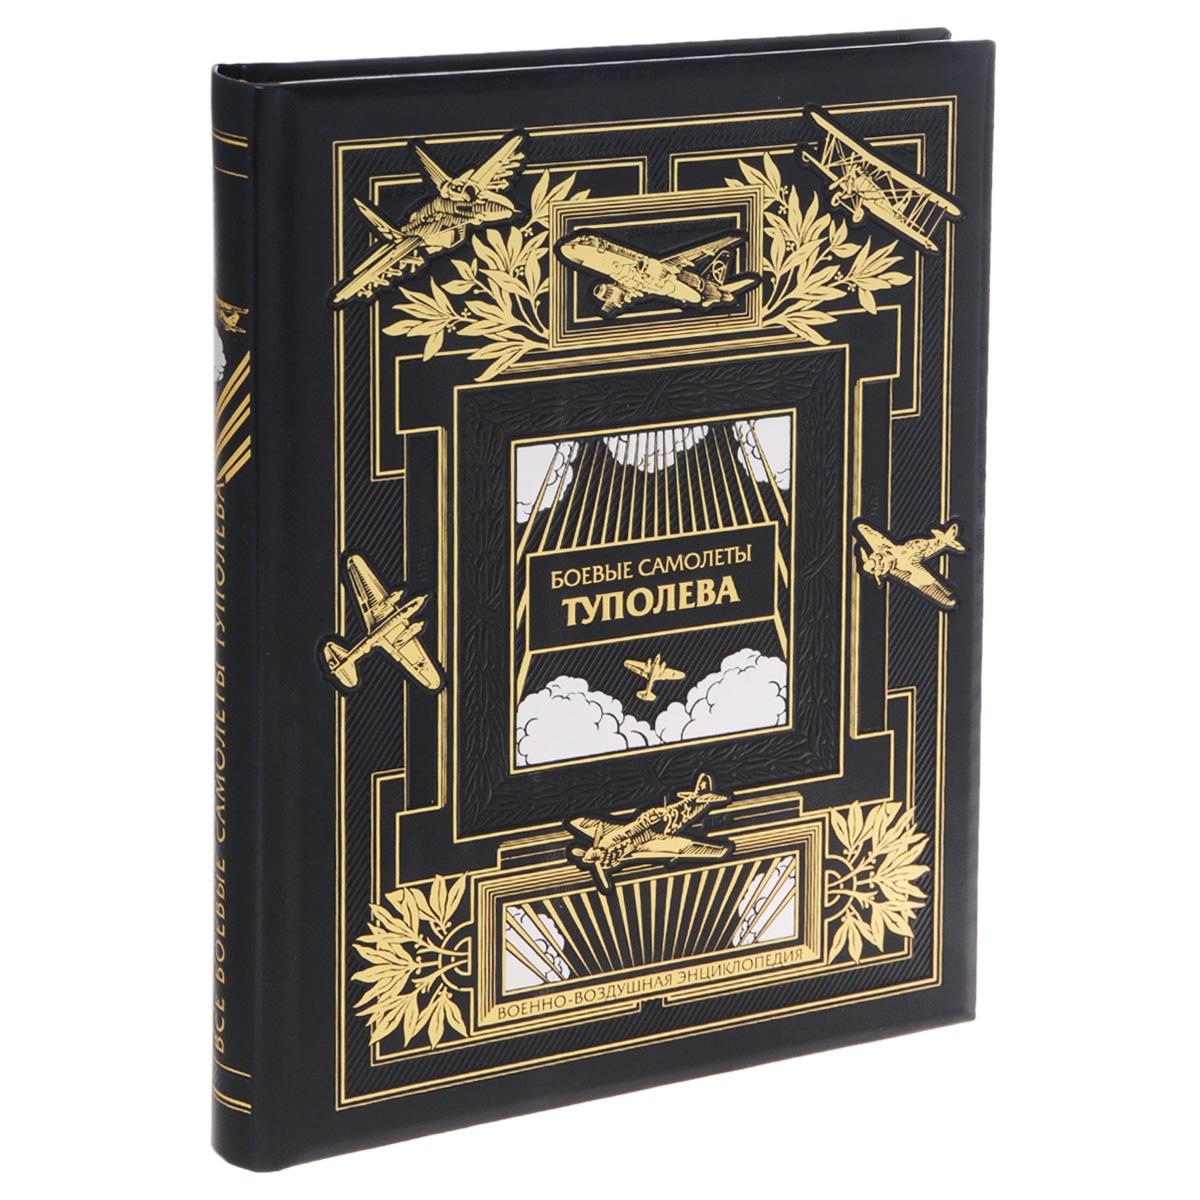 Все боевые самолеты Туполева (эксклюзивное подарочное издание)